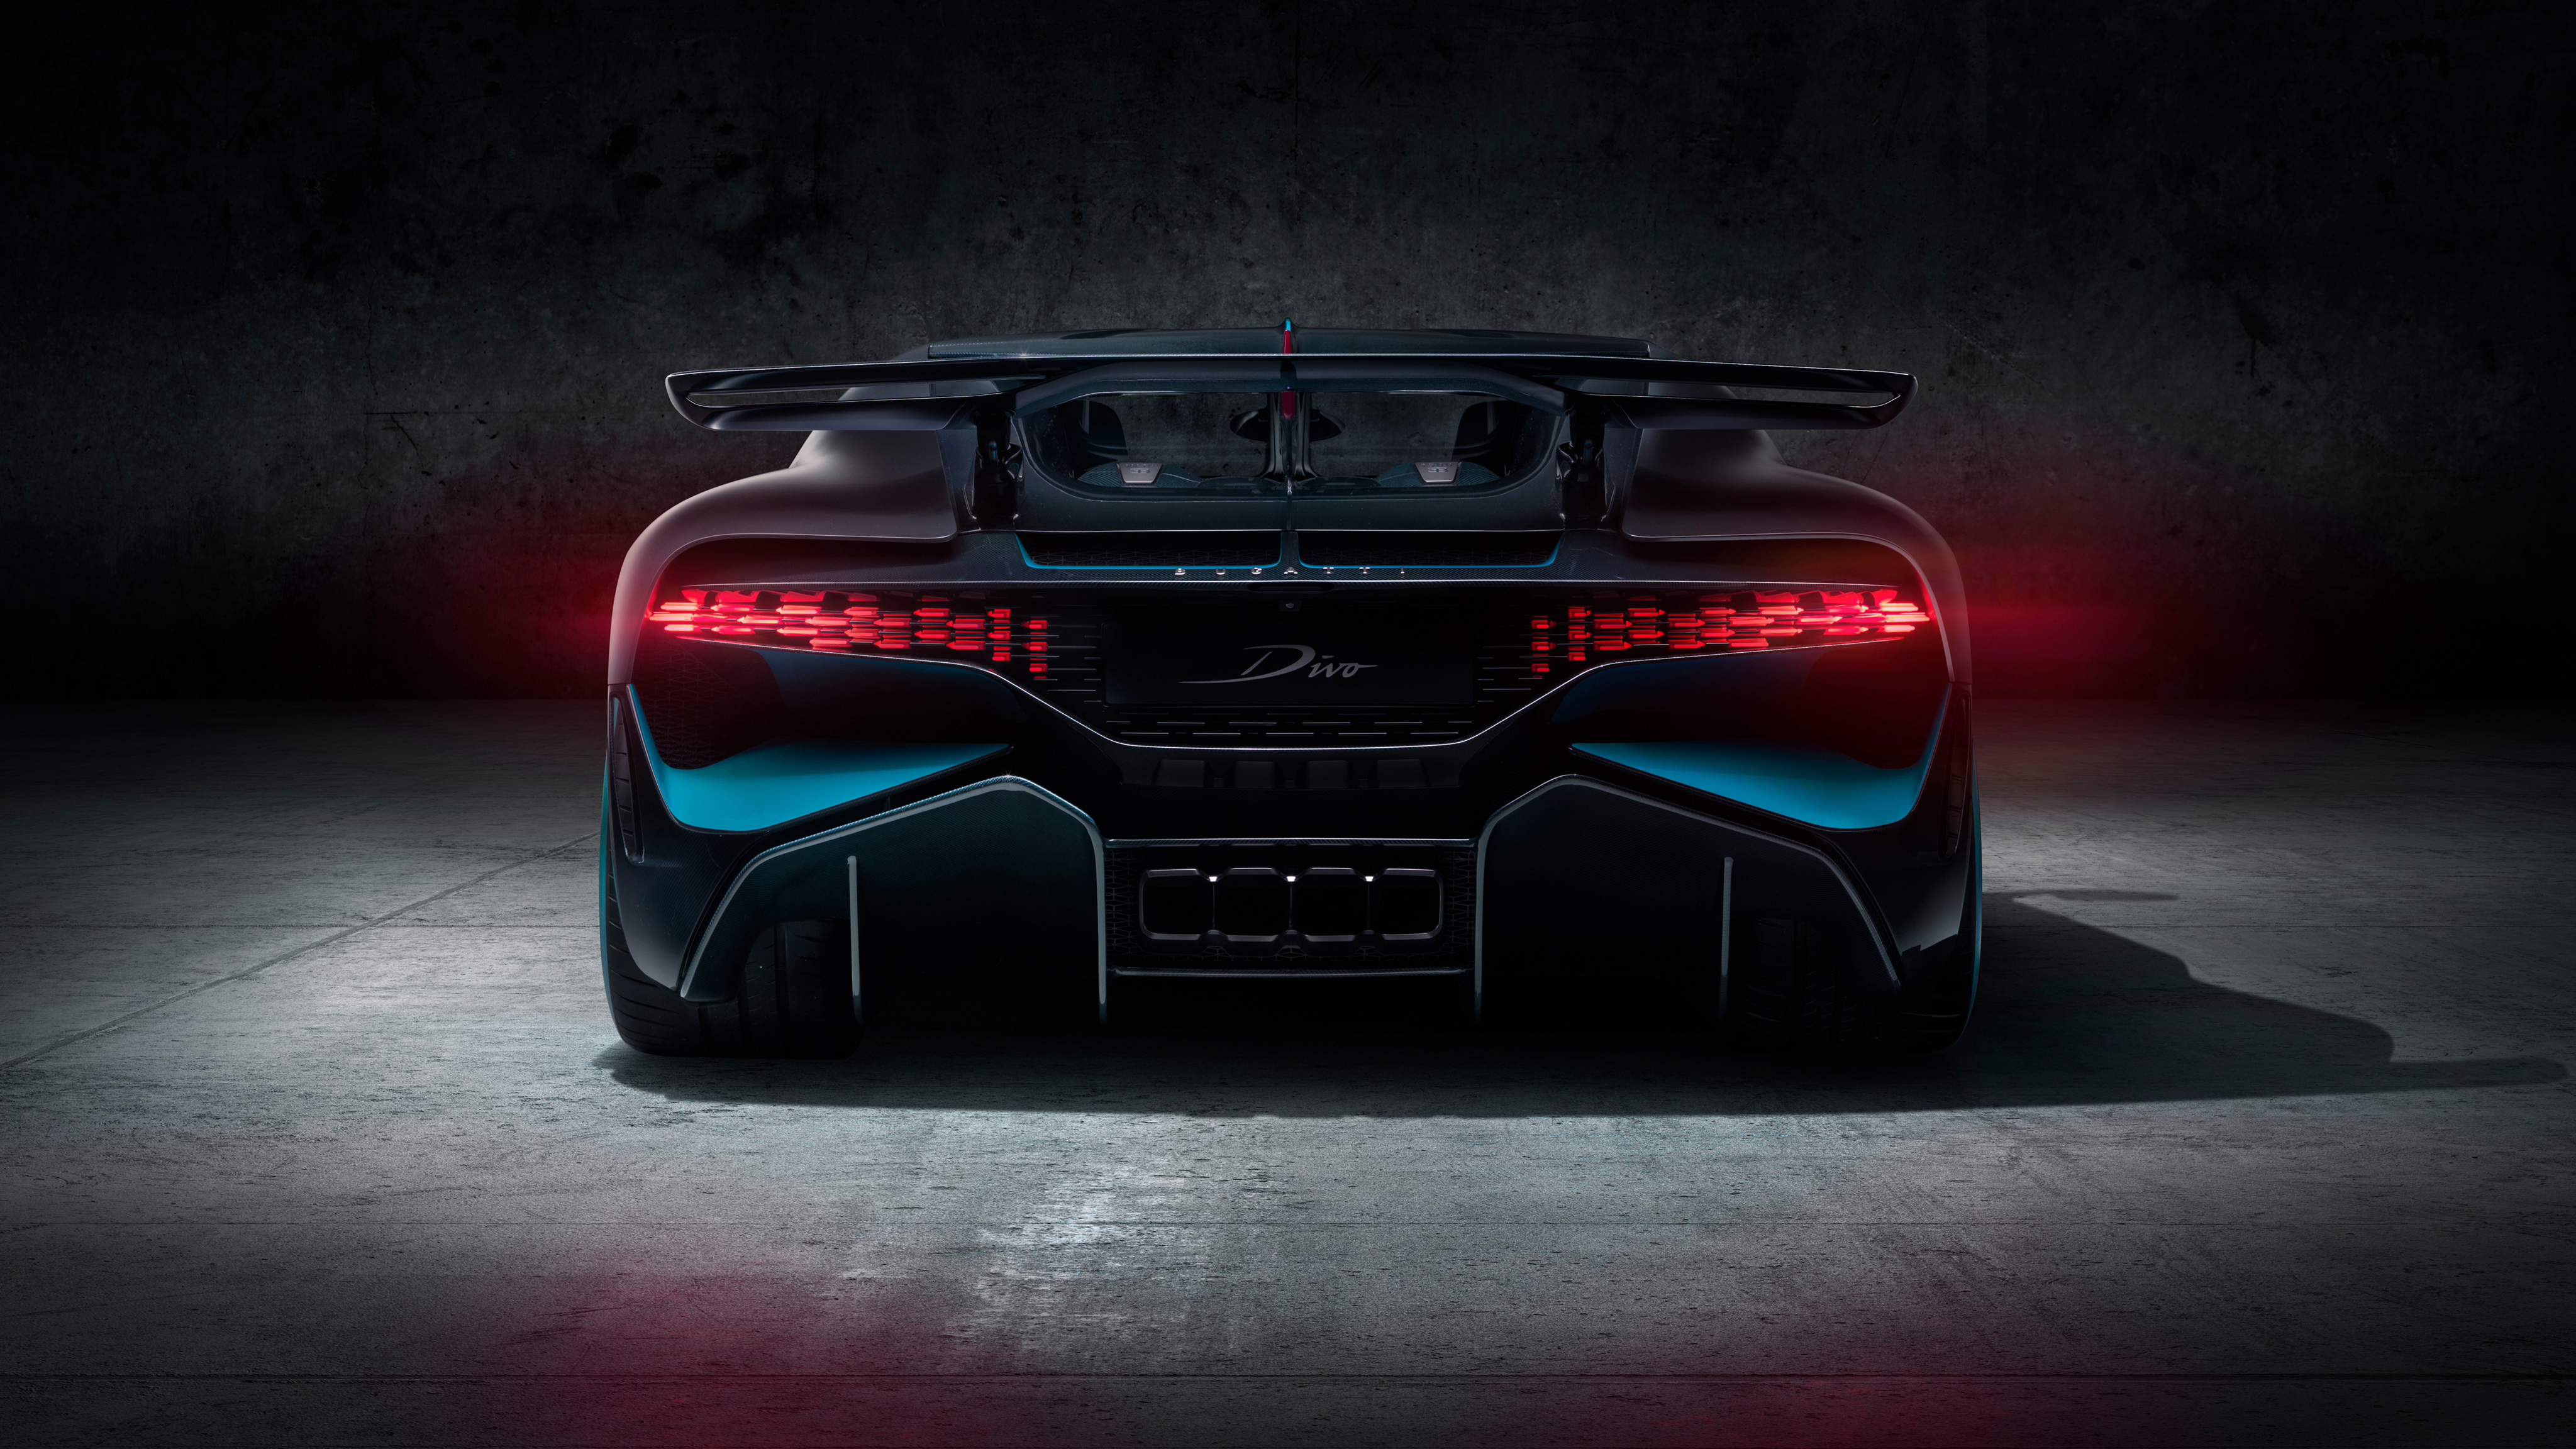 2019 Bugatti Divo 4K 13 Wallpaper | HD Car Wallpapers | ID #11107